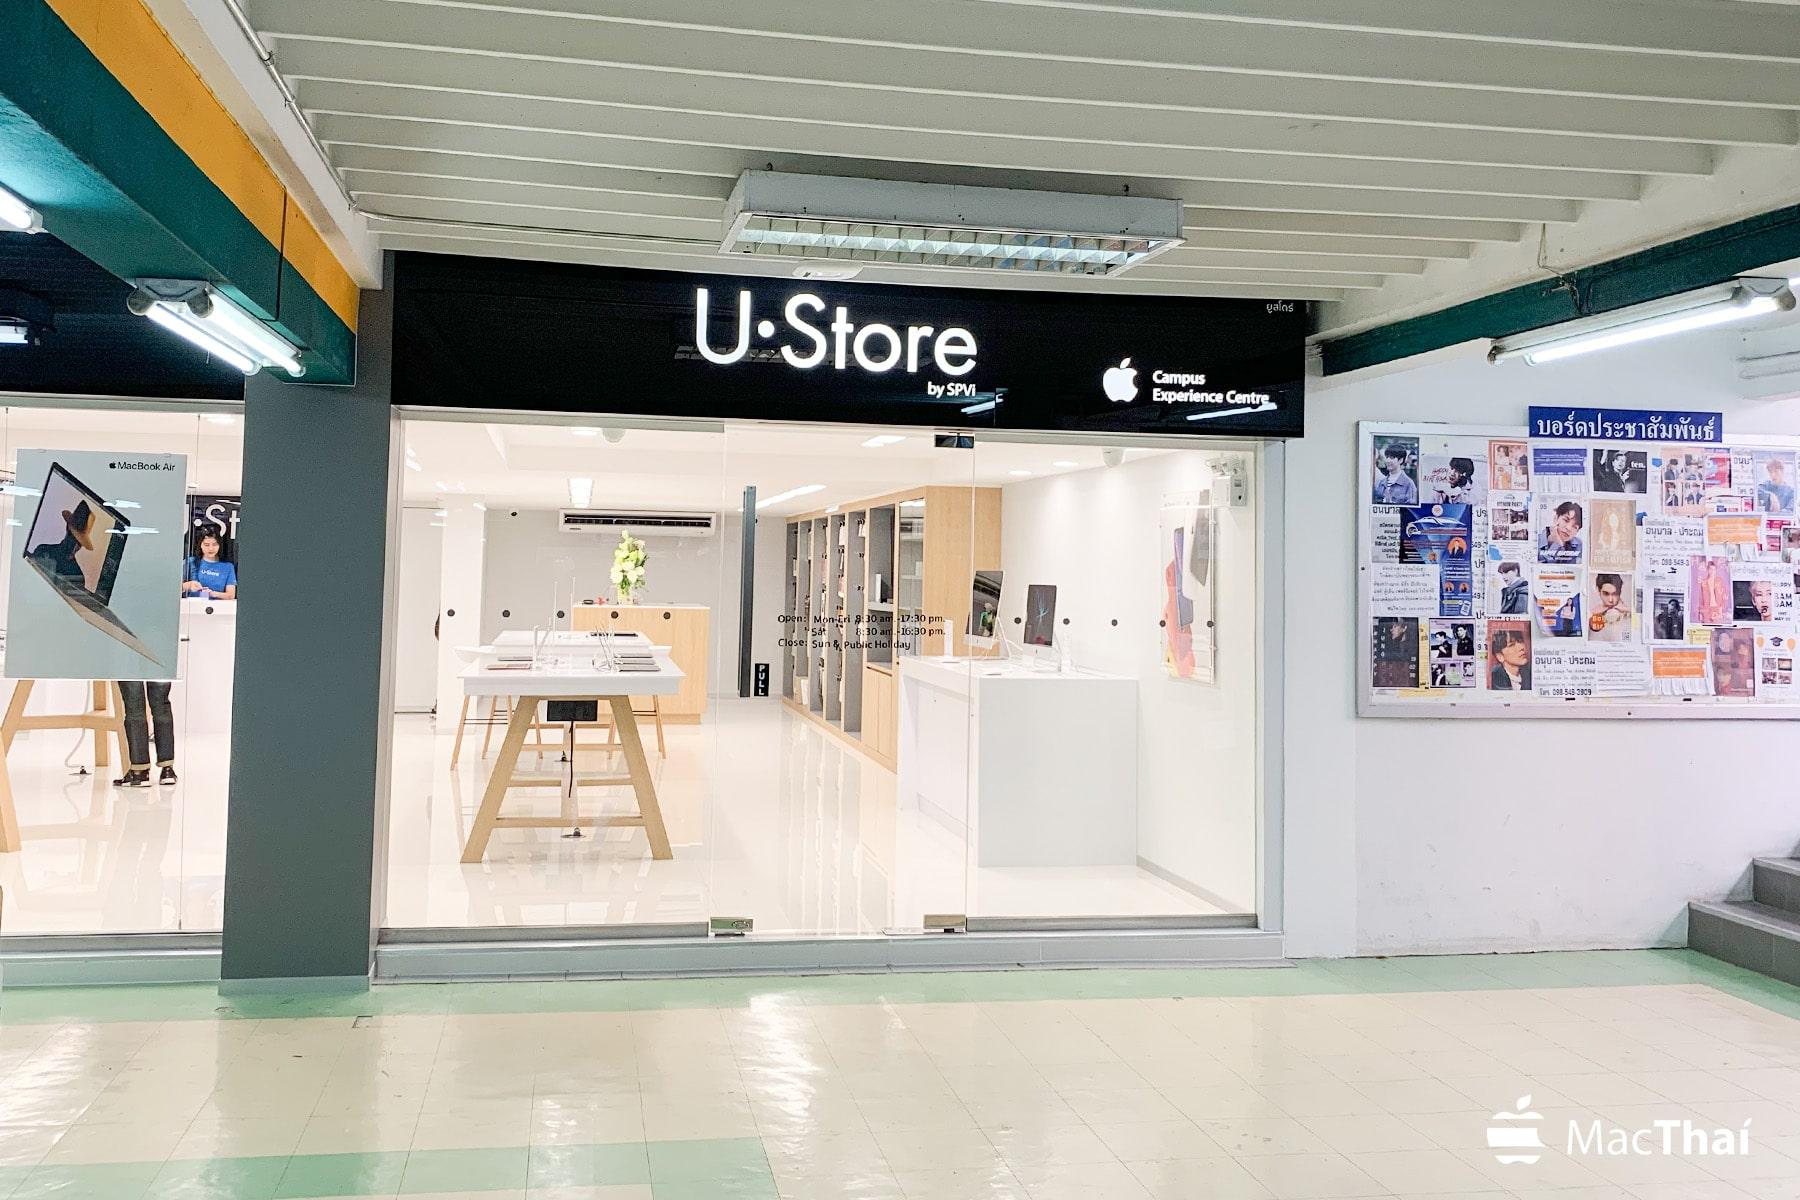 u-store-kmutnb-1